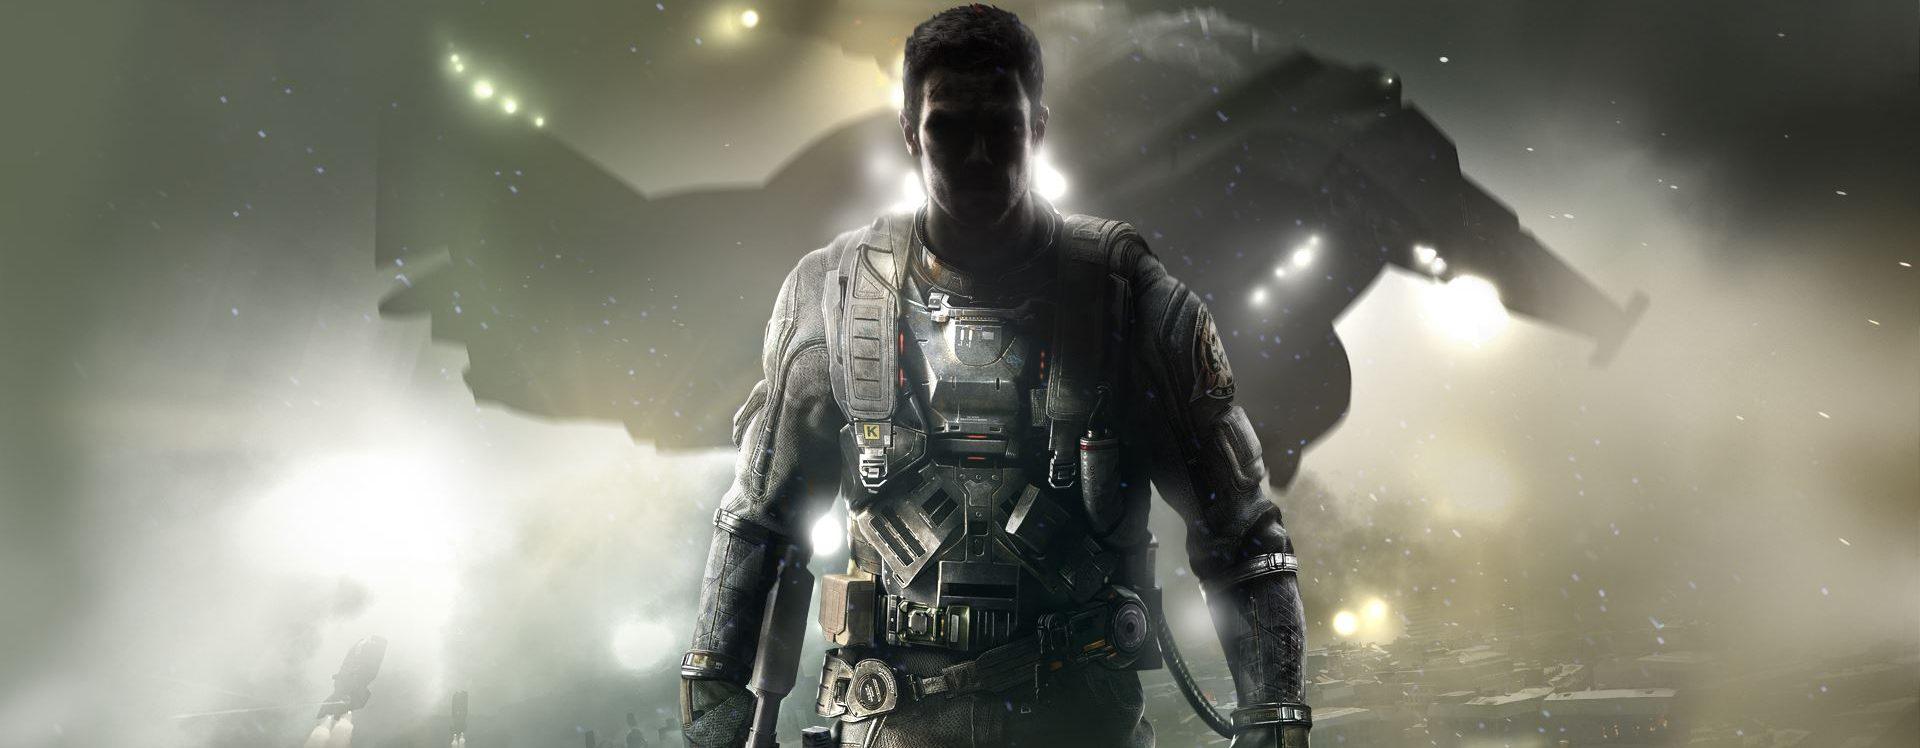 CoD: Infinite Warfare auf der XP 2016 – Uhrzeit der Multiplayer-Weltpremiere